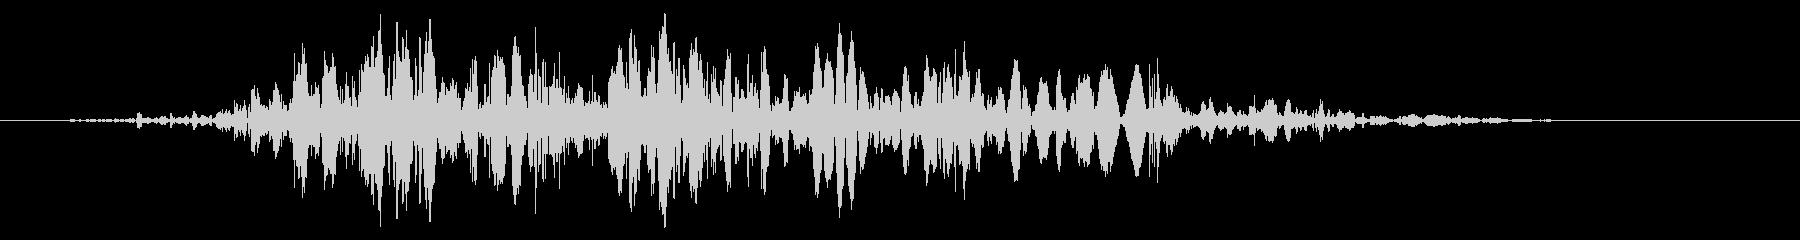 スライムなどが蠢く音タイプA#2の未再生の波形